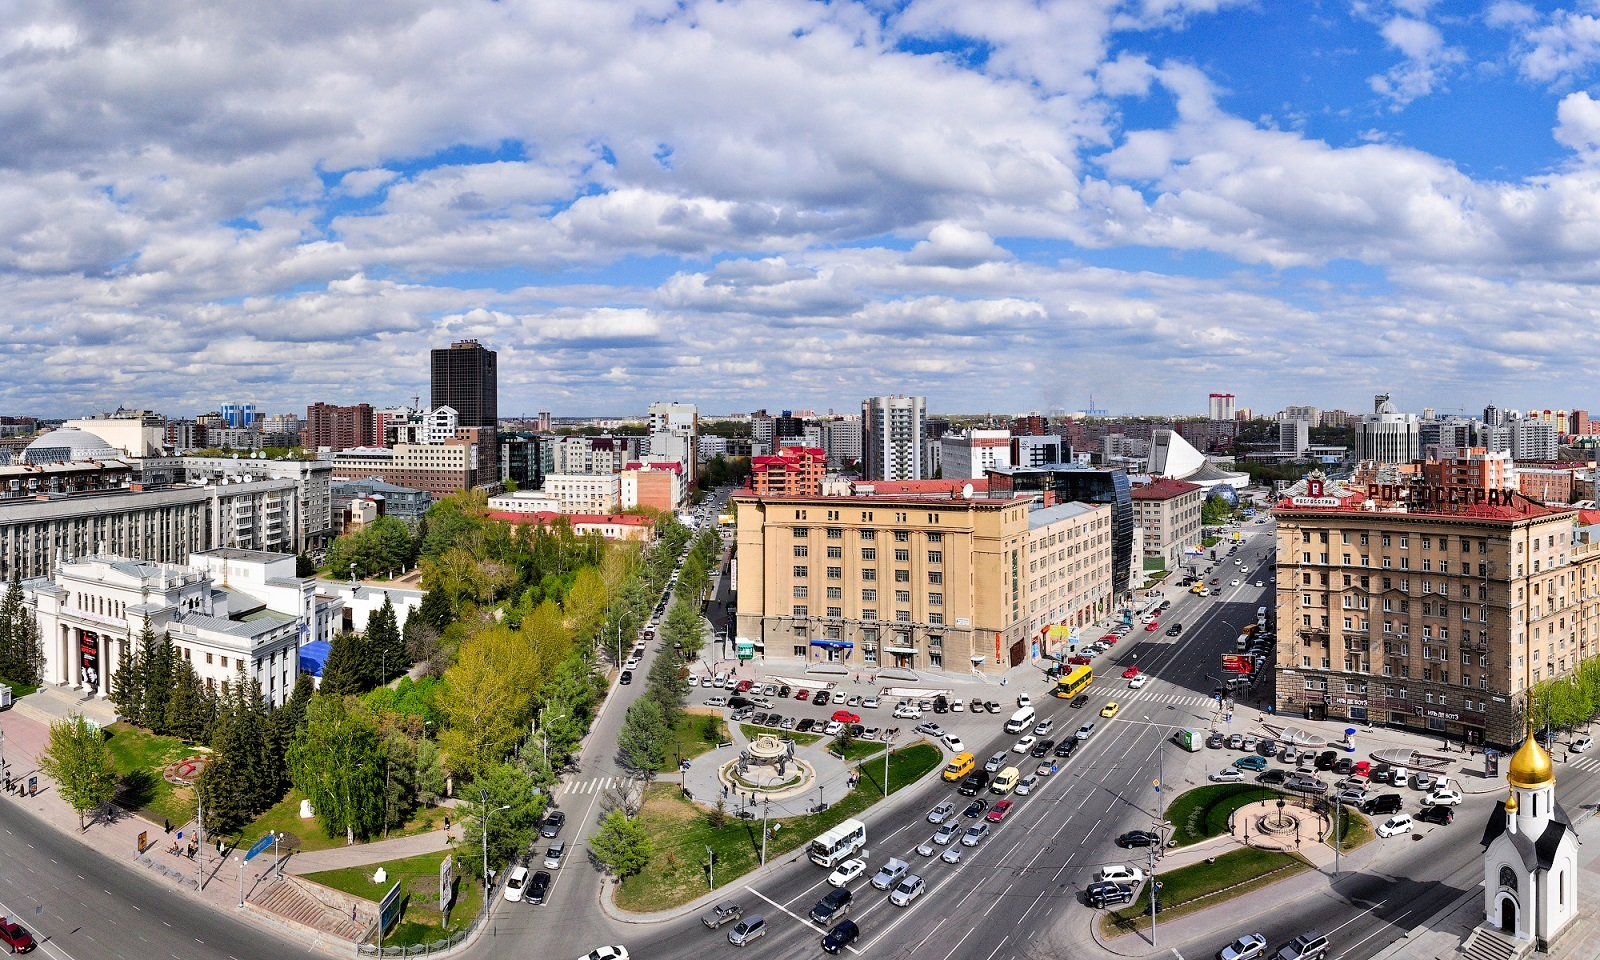 去俄罗斯留学首选哪些城市?哪些学校?哪些专业?插图-小狮座俄罗斯留学